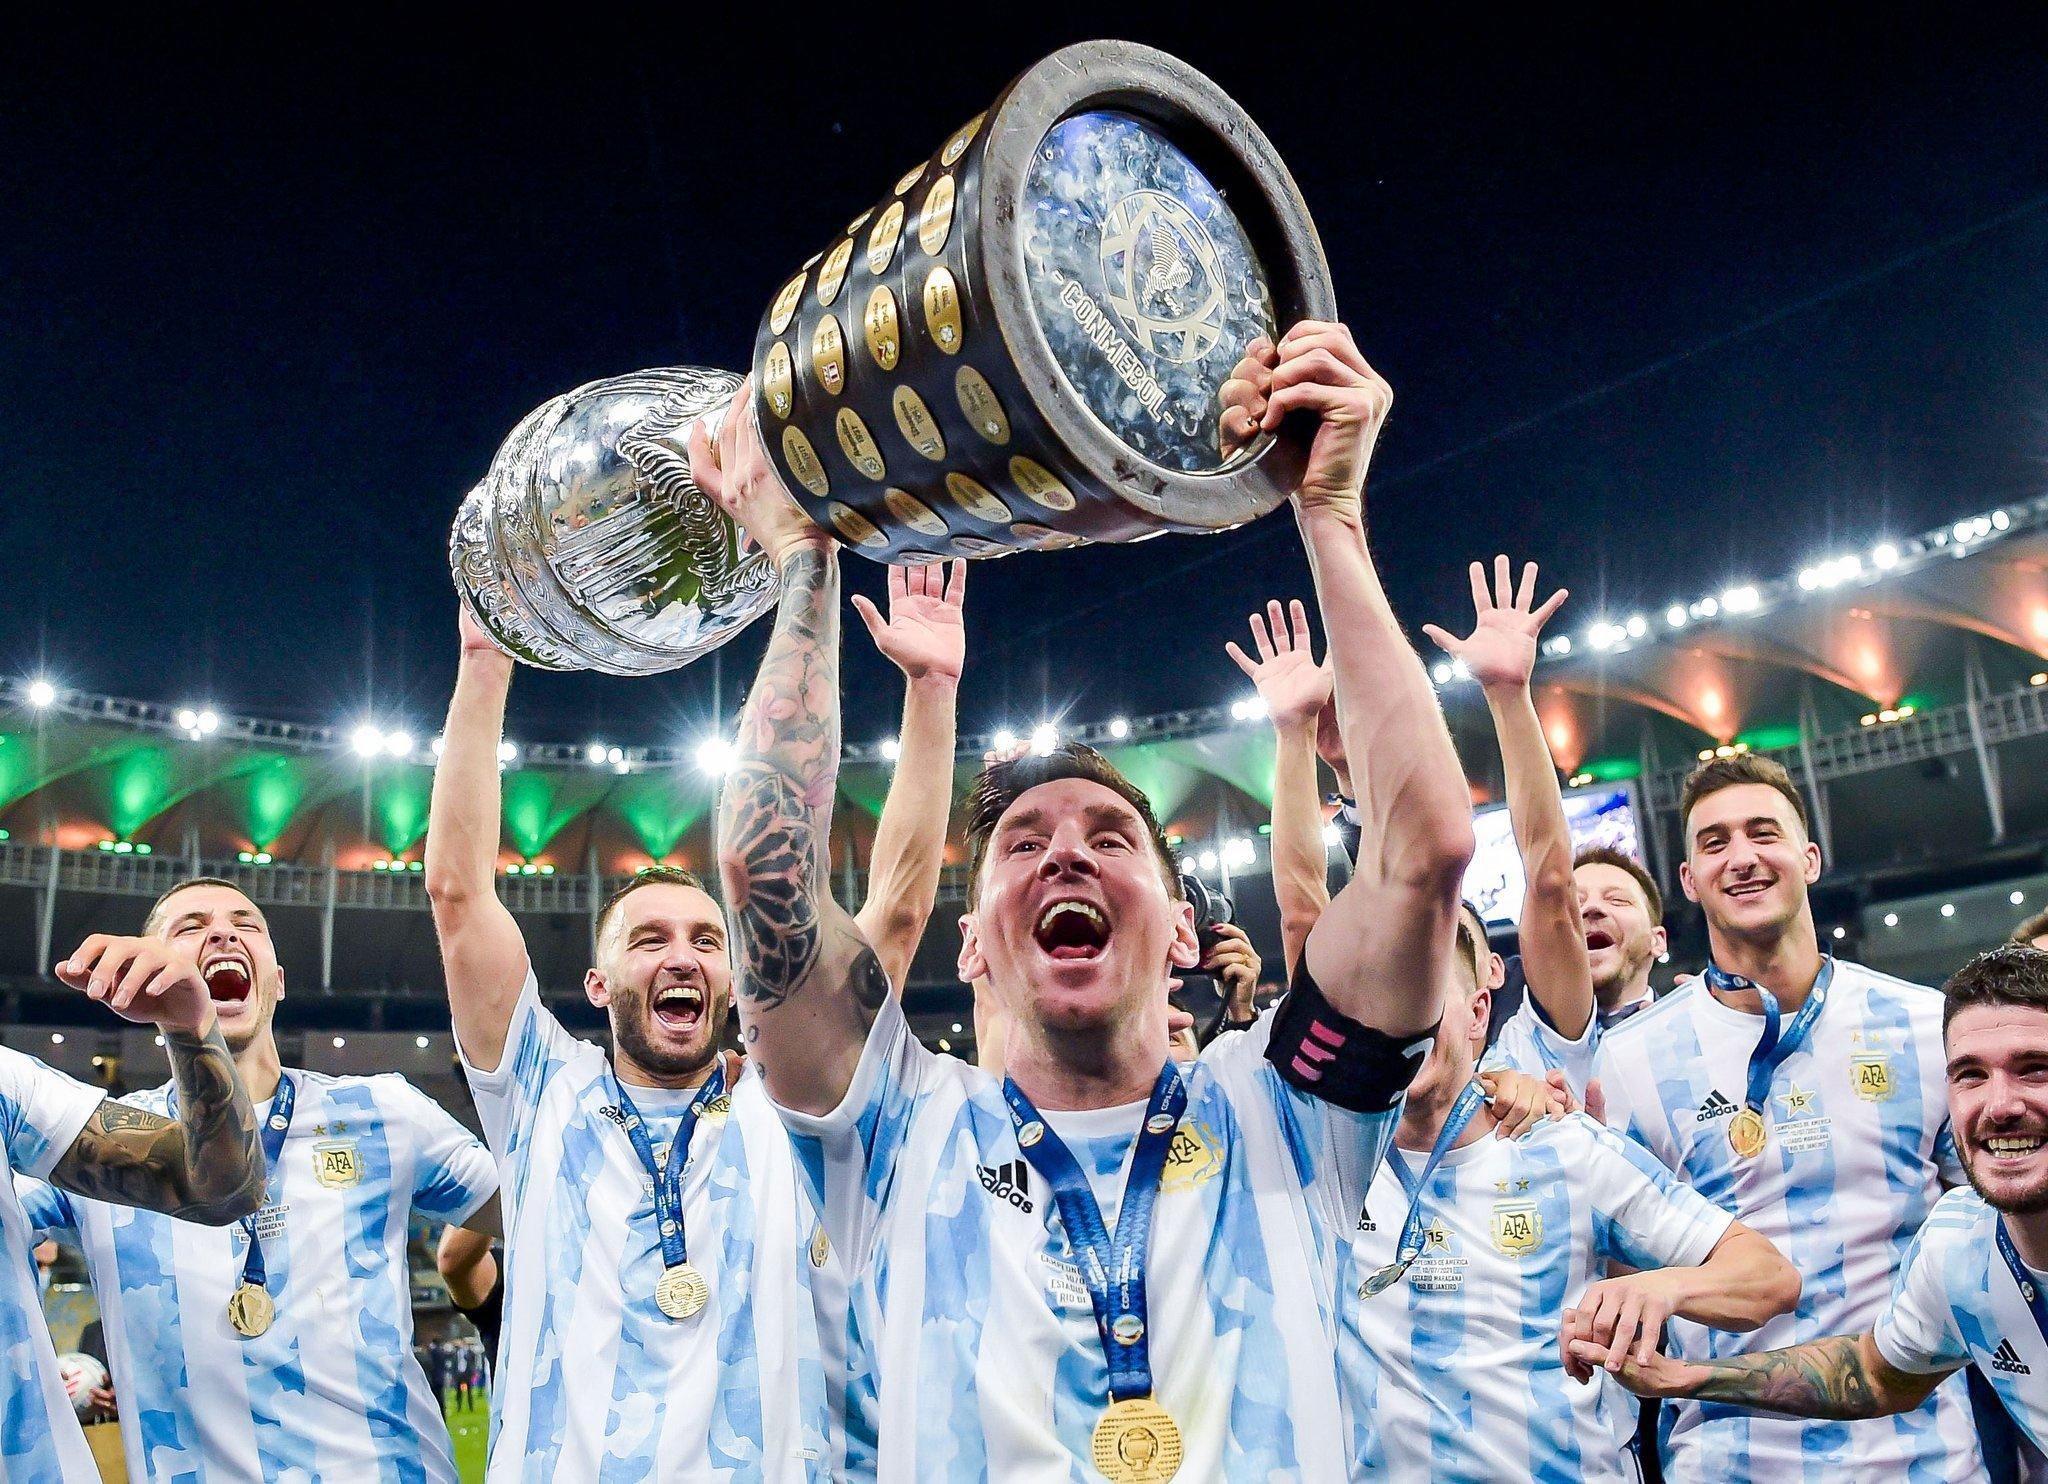 阿根廷 法国 世界杯(拉莫斯)